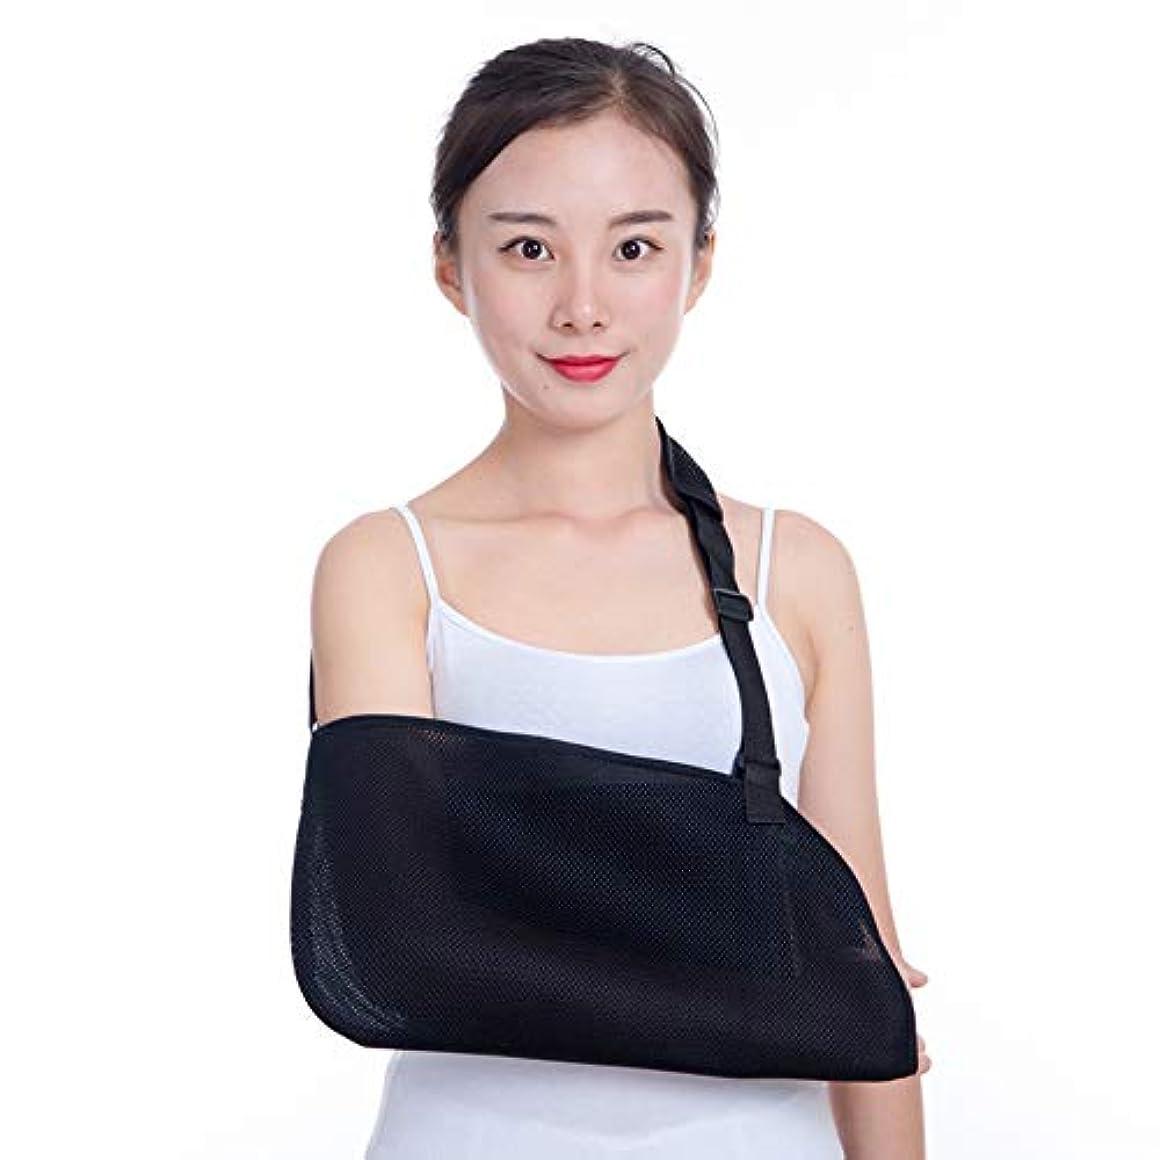 受賞すみません免疫するメッシュアームサポートスリング、ショルダーイモビライザーブレース、通気性と軽量、肩、腕、肘、回旋腱板の痛みを完全に調整可能